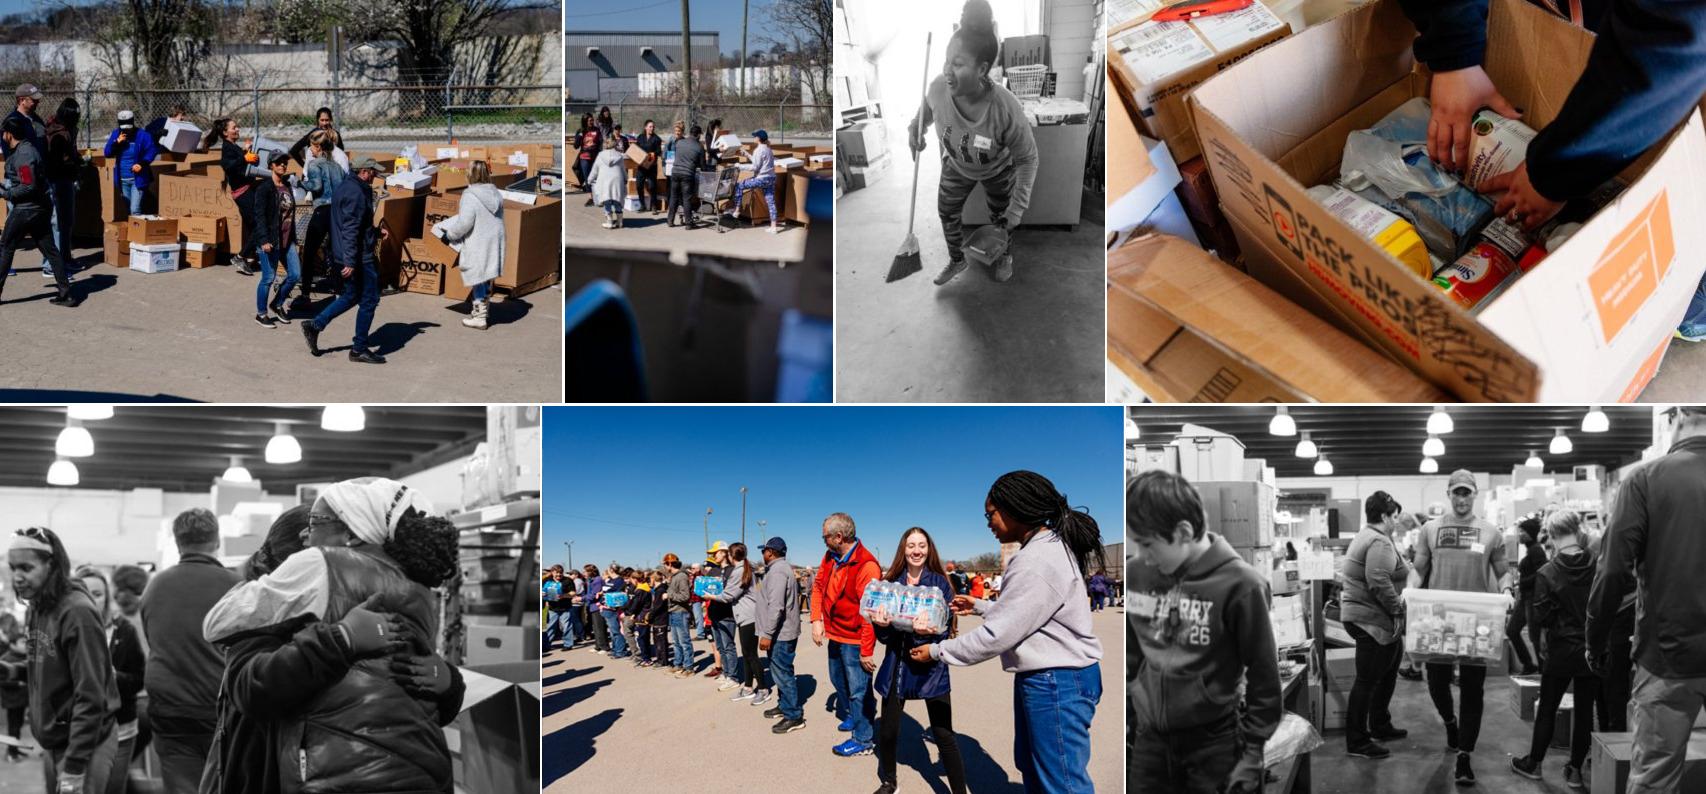 Community Resource Center Volunteers